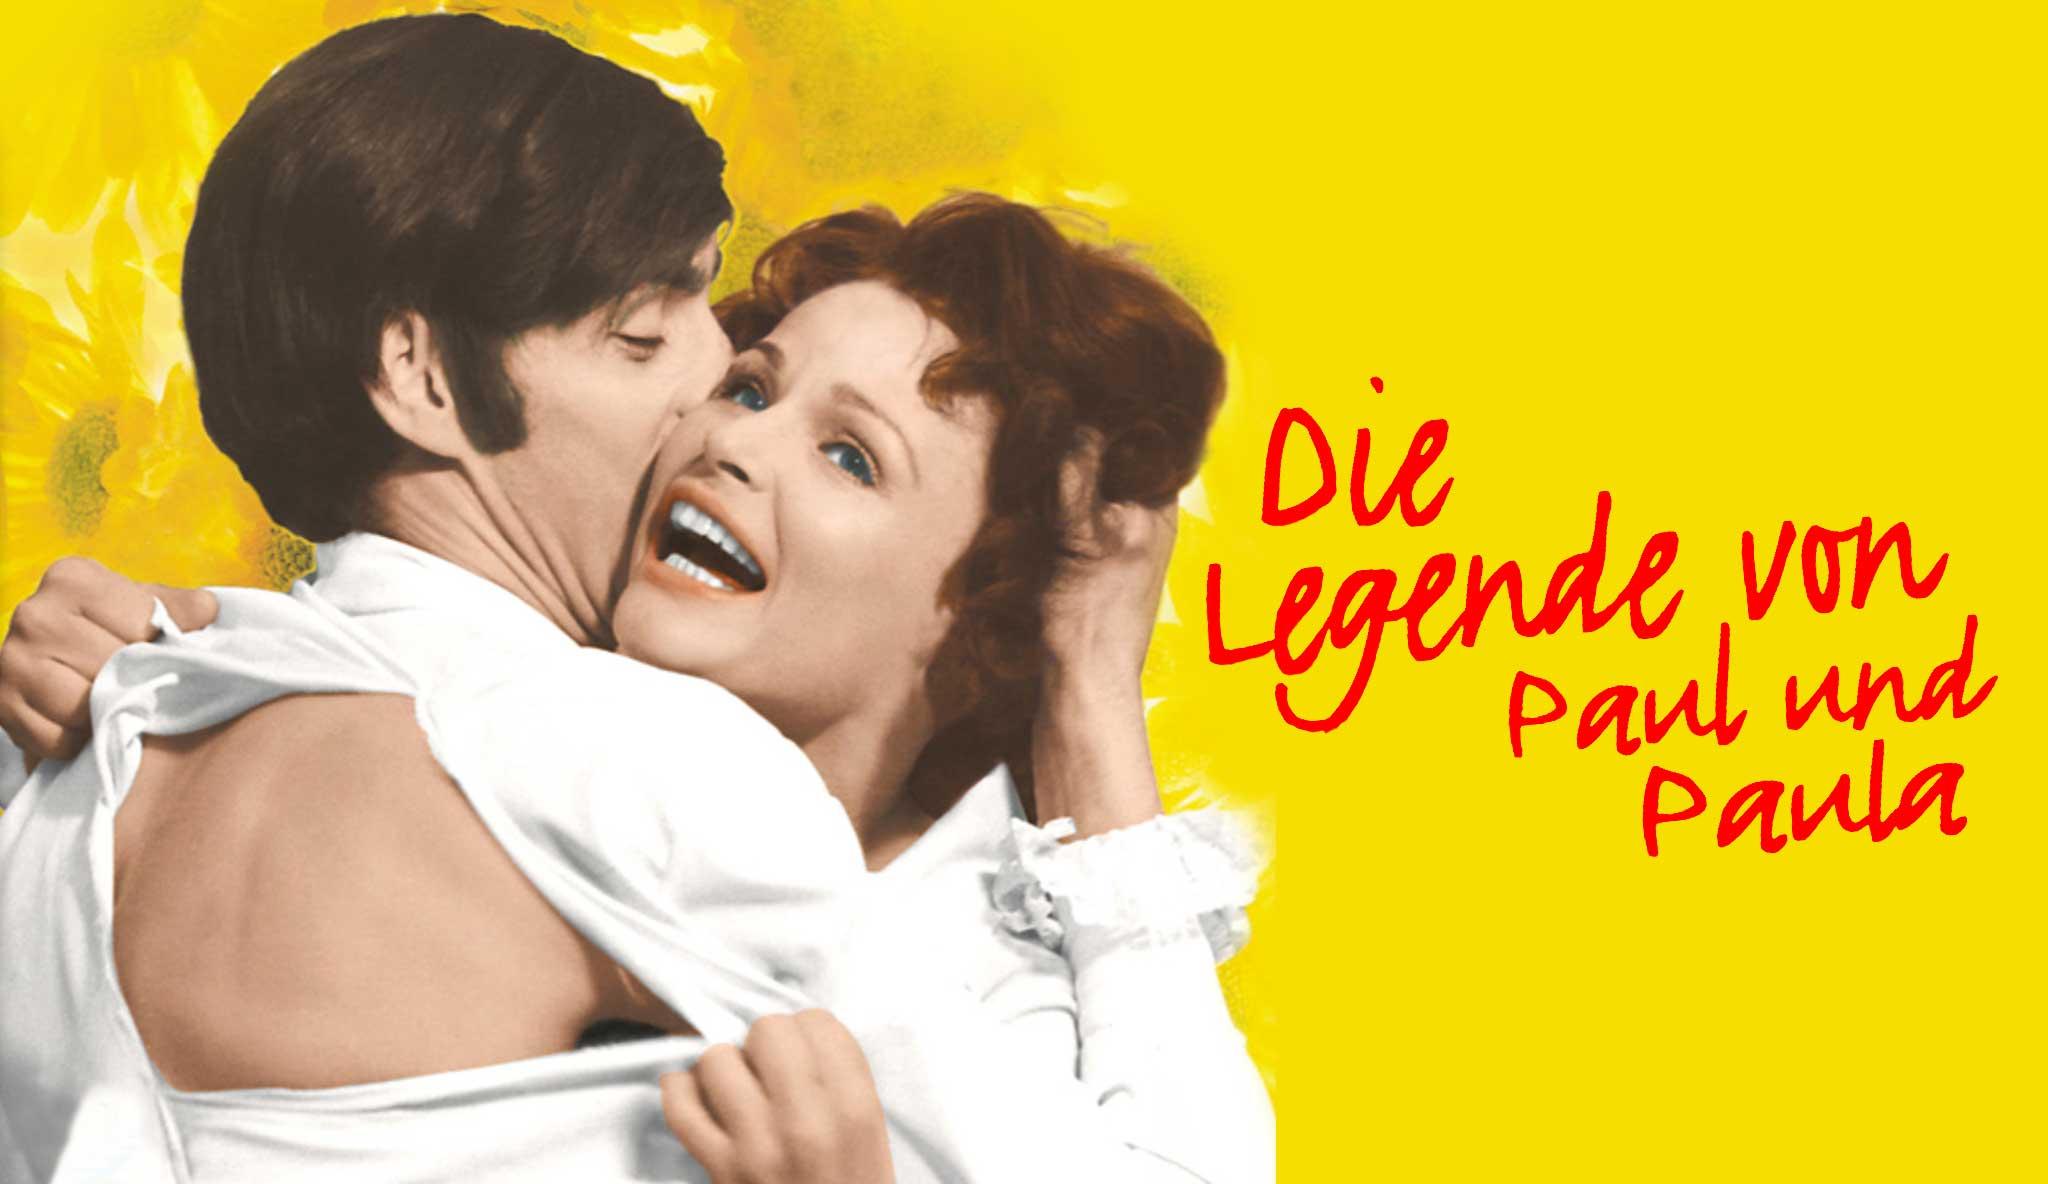 die-legende-von-paul-und-paula\header.jpg